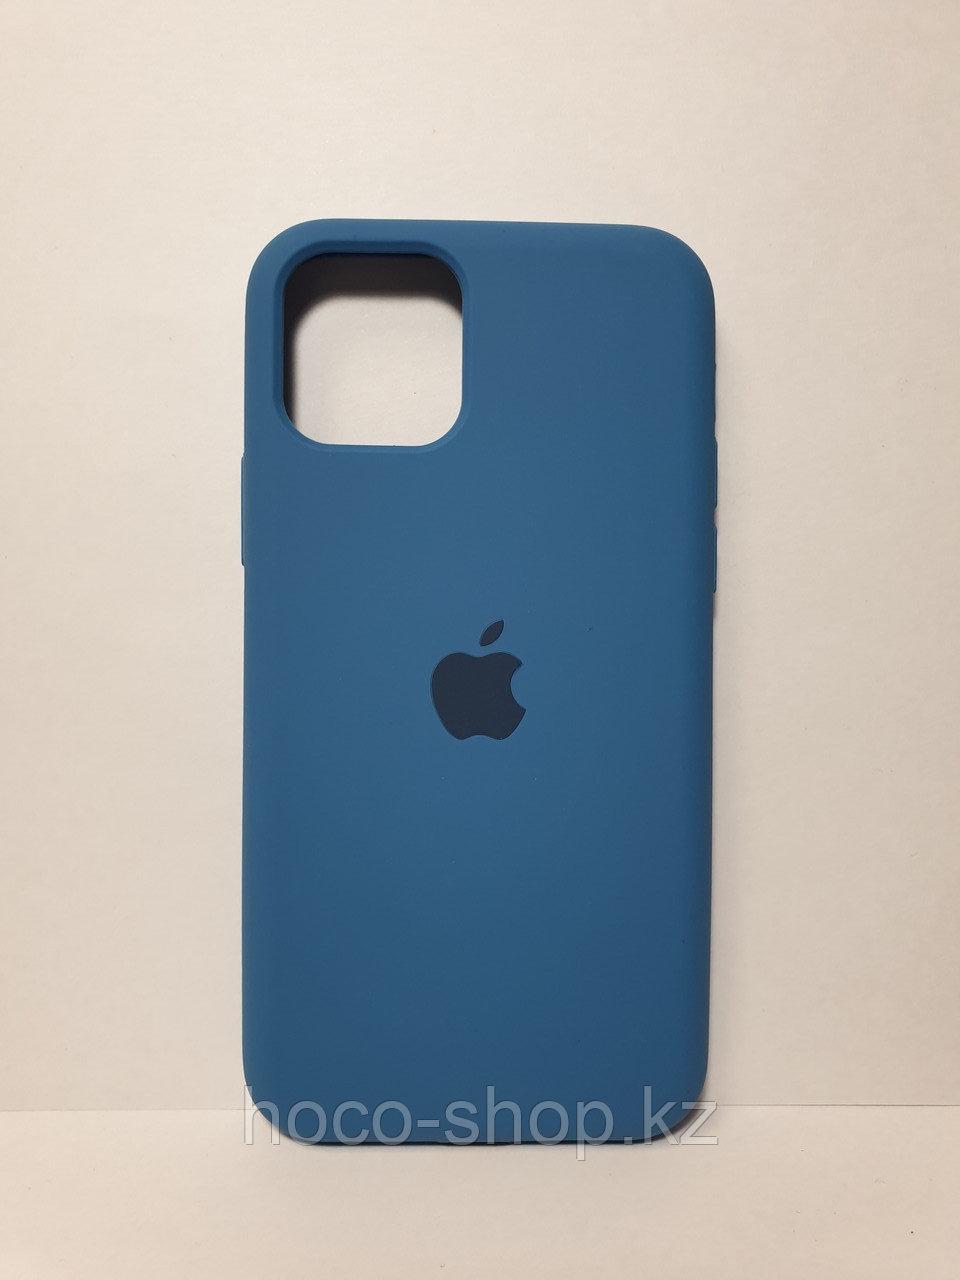 Защитный чехол для iPhone 11 Pro Soft Touch силиконовый